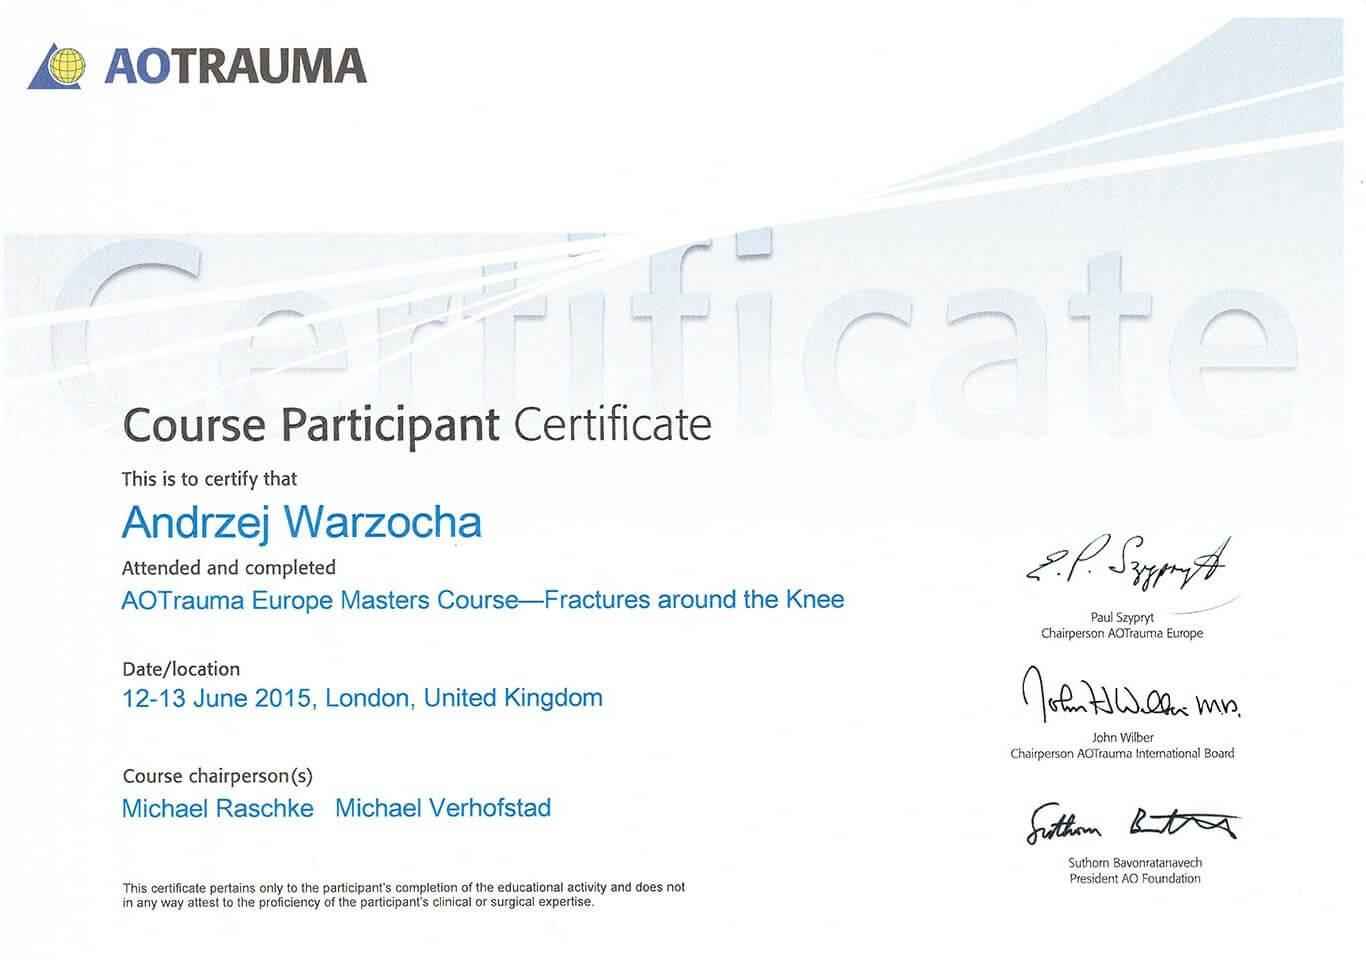 certyfikat-dyplom-adrzej-warzocha (46)